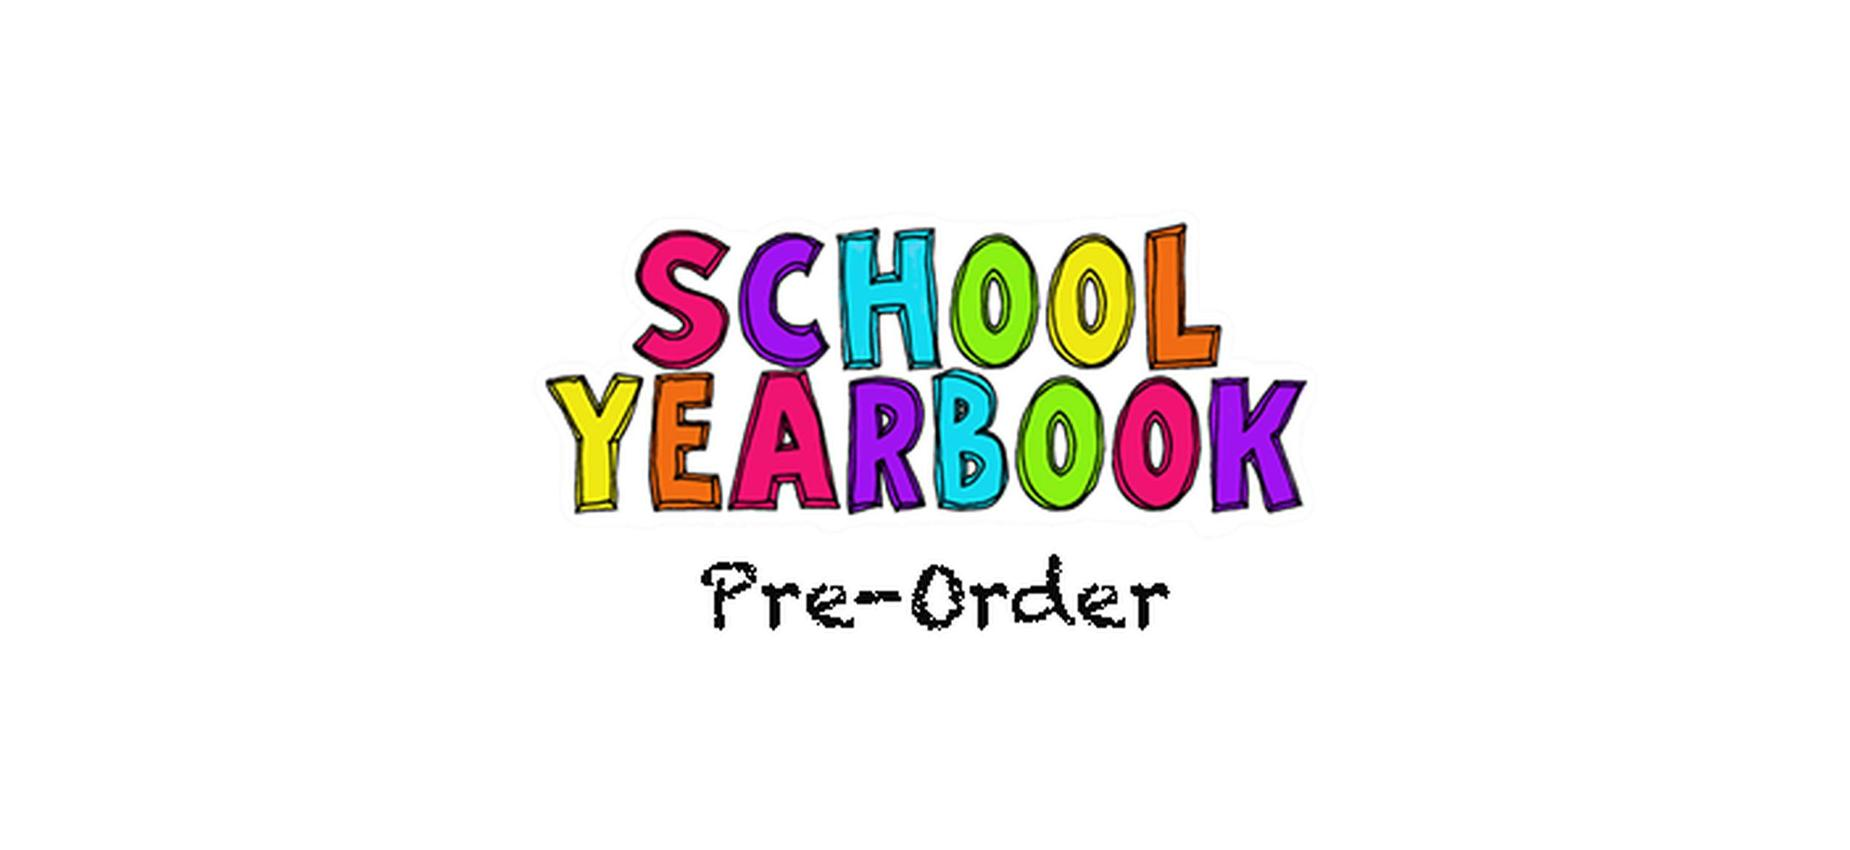 pre-order yrbk